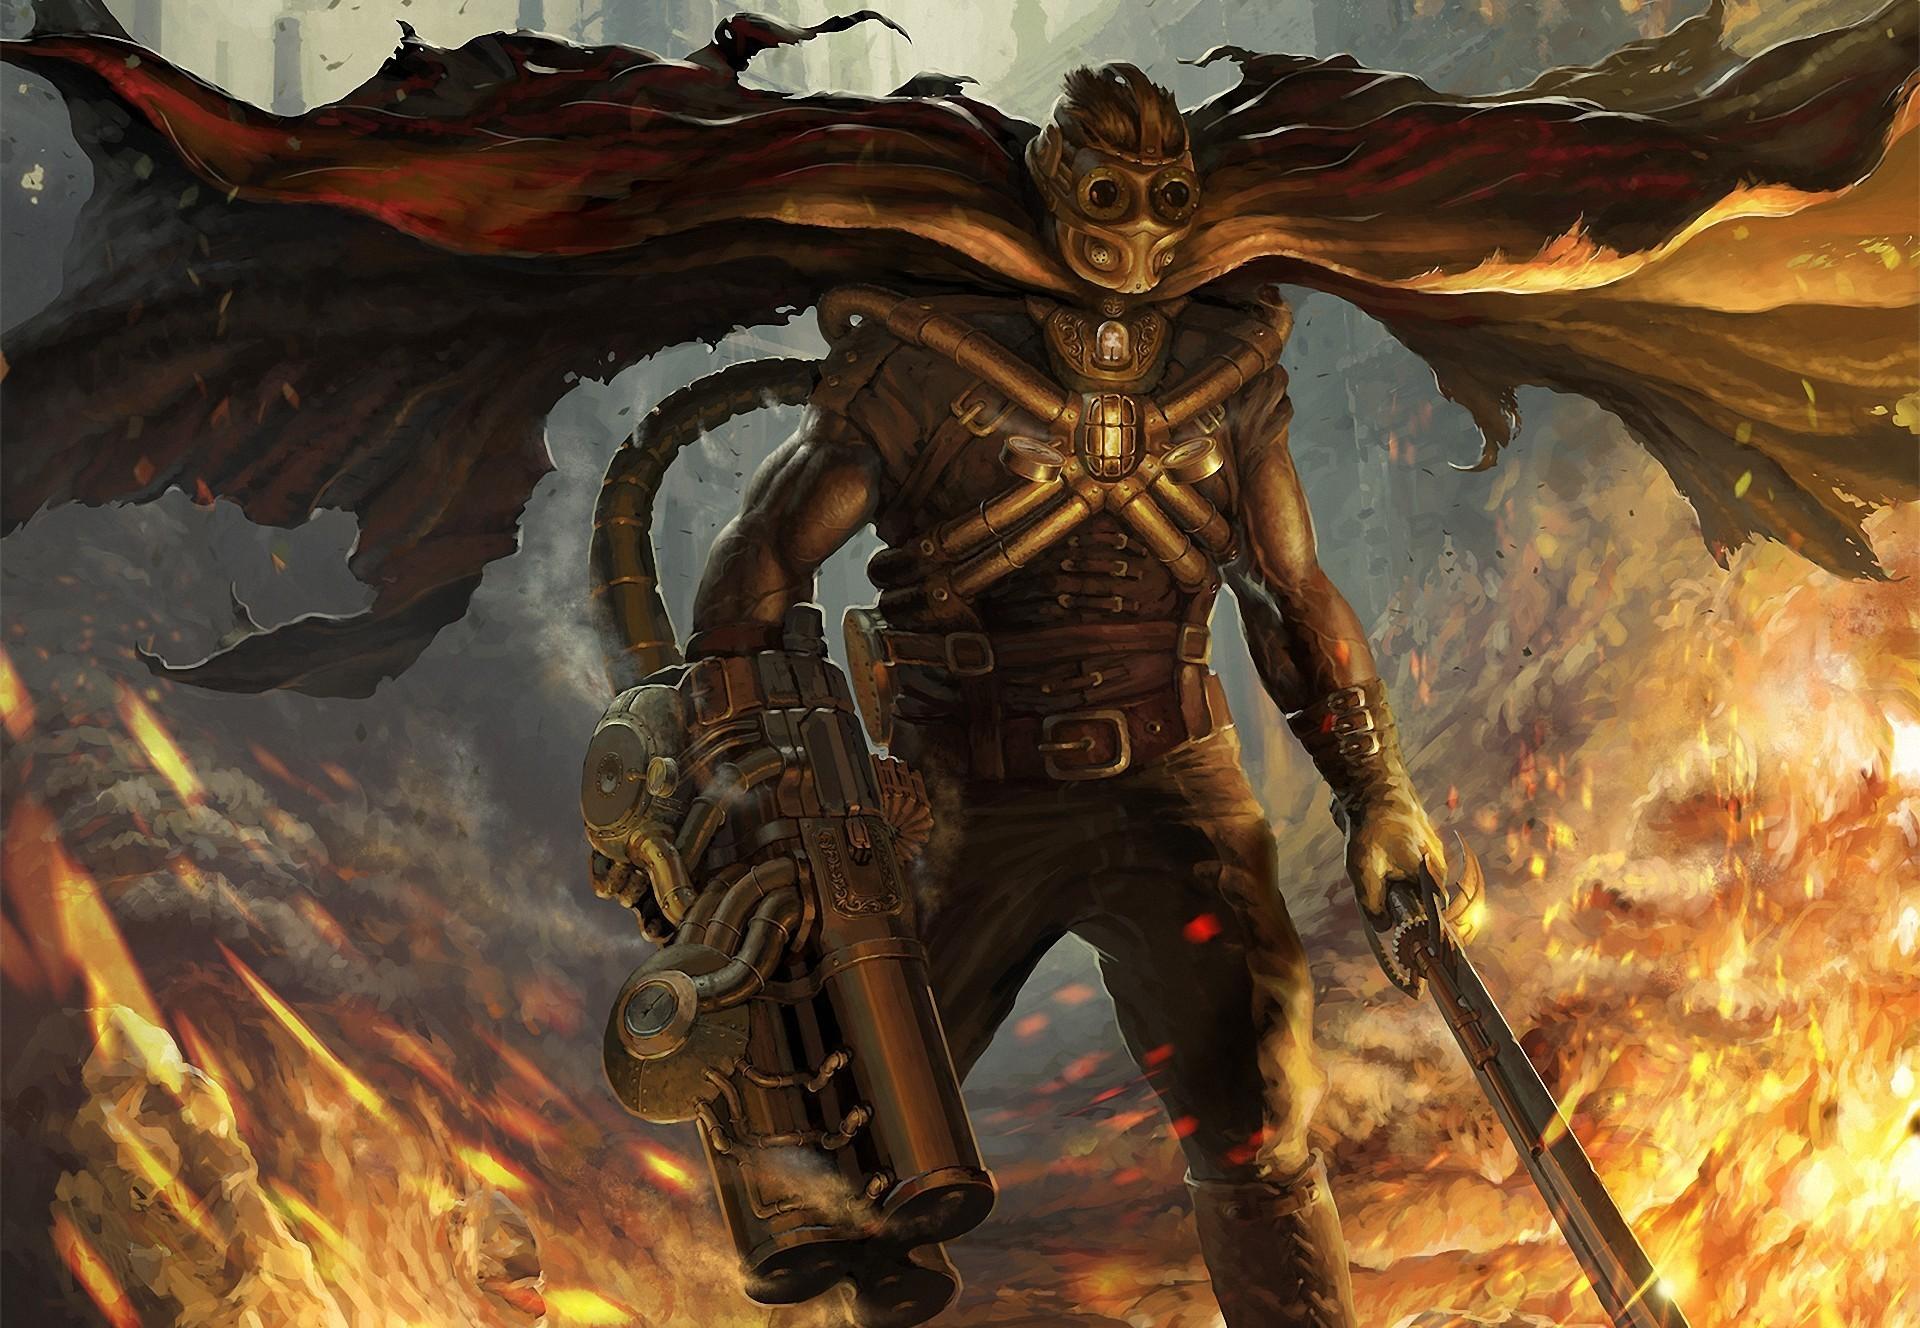 Warriors Steampunk Armor Fantasy warrior weapon dark sci ...